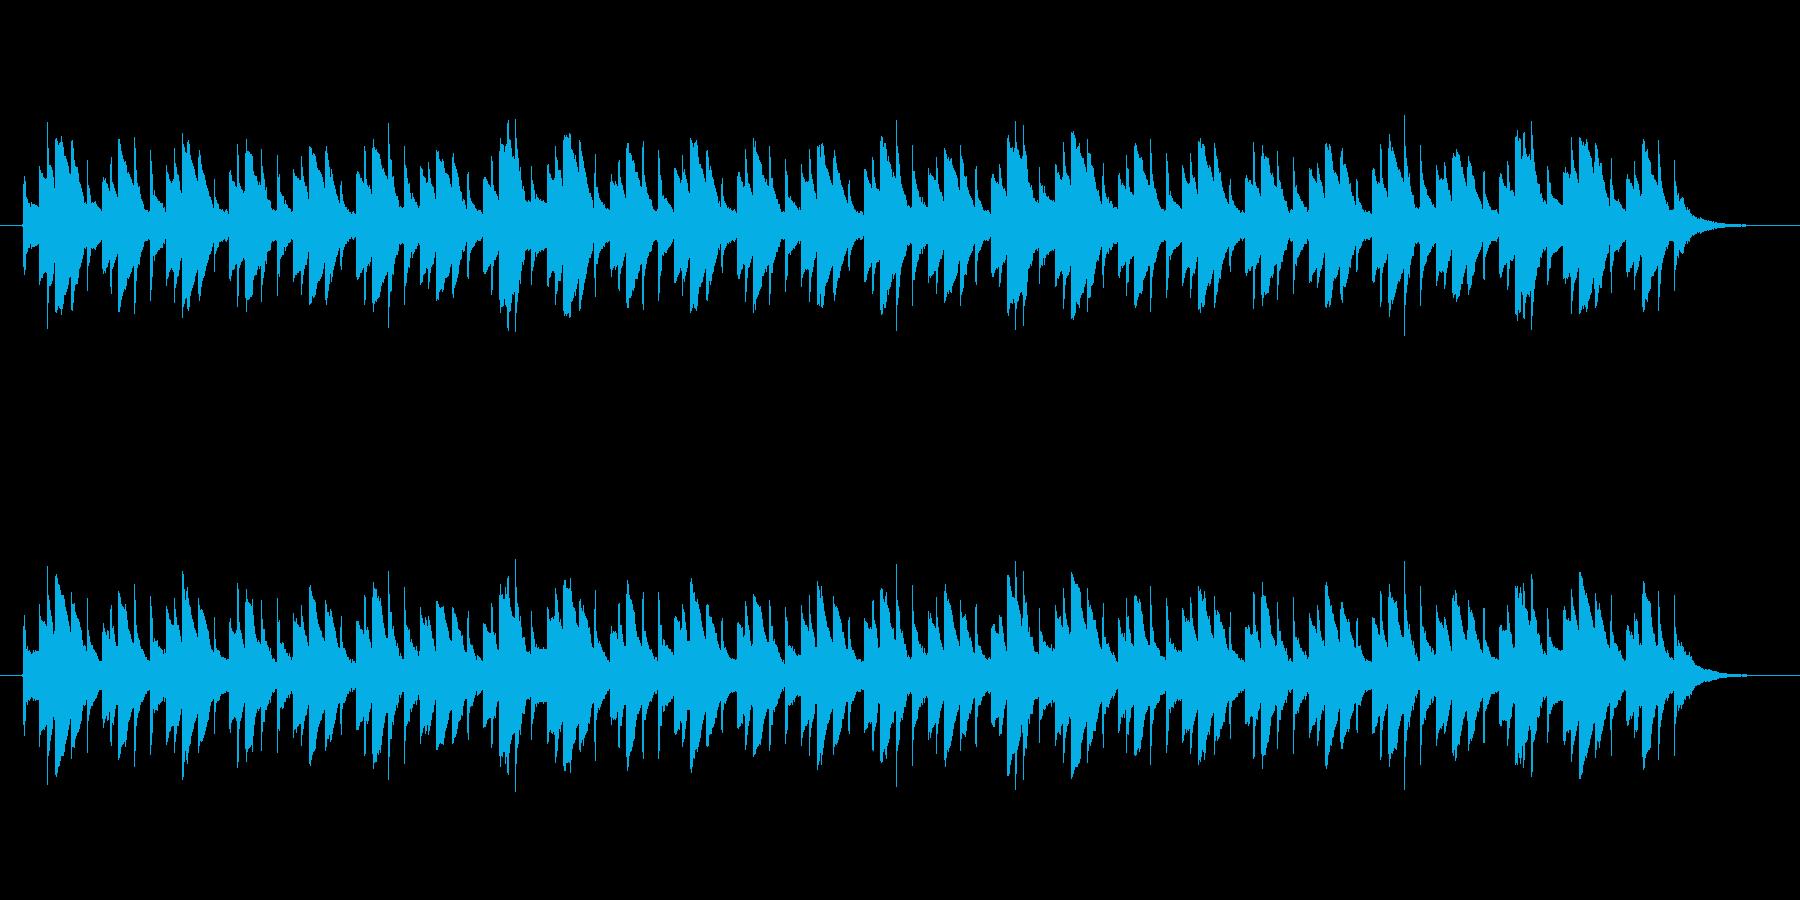 金属系楽器の民族音楽調アルペジオの再生済みの波形